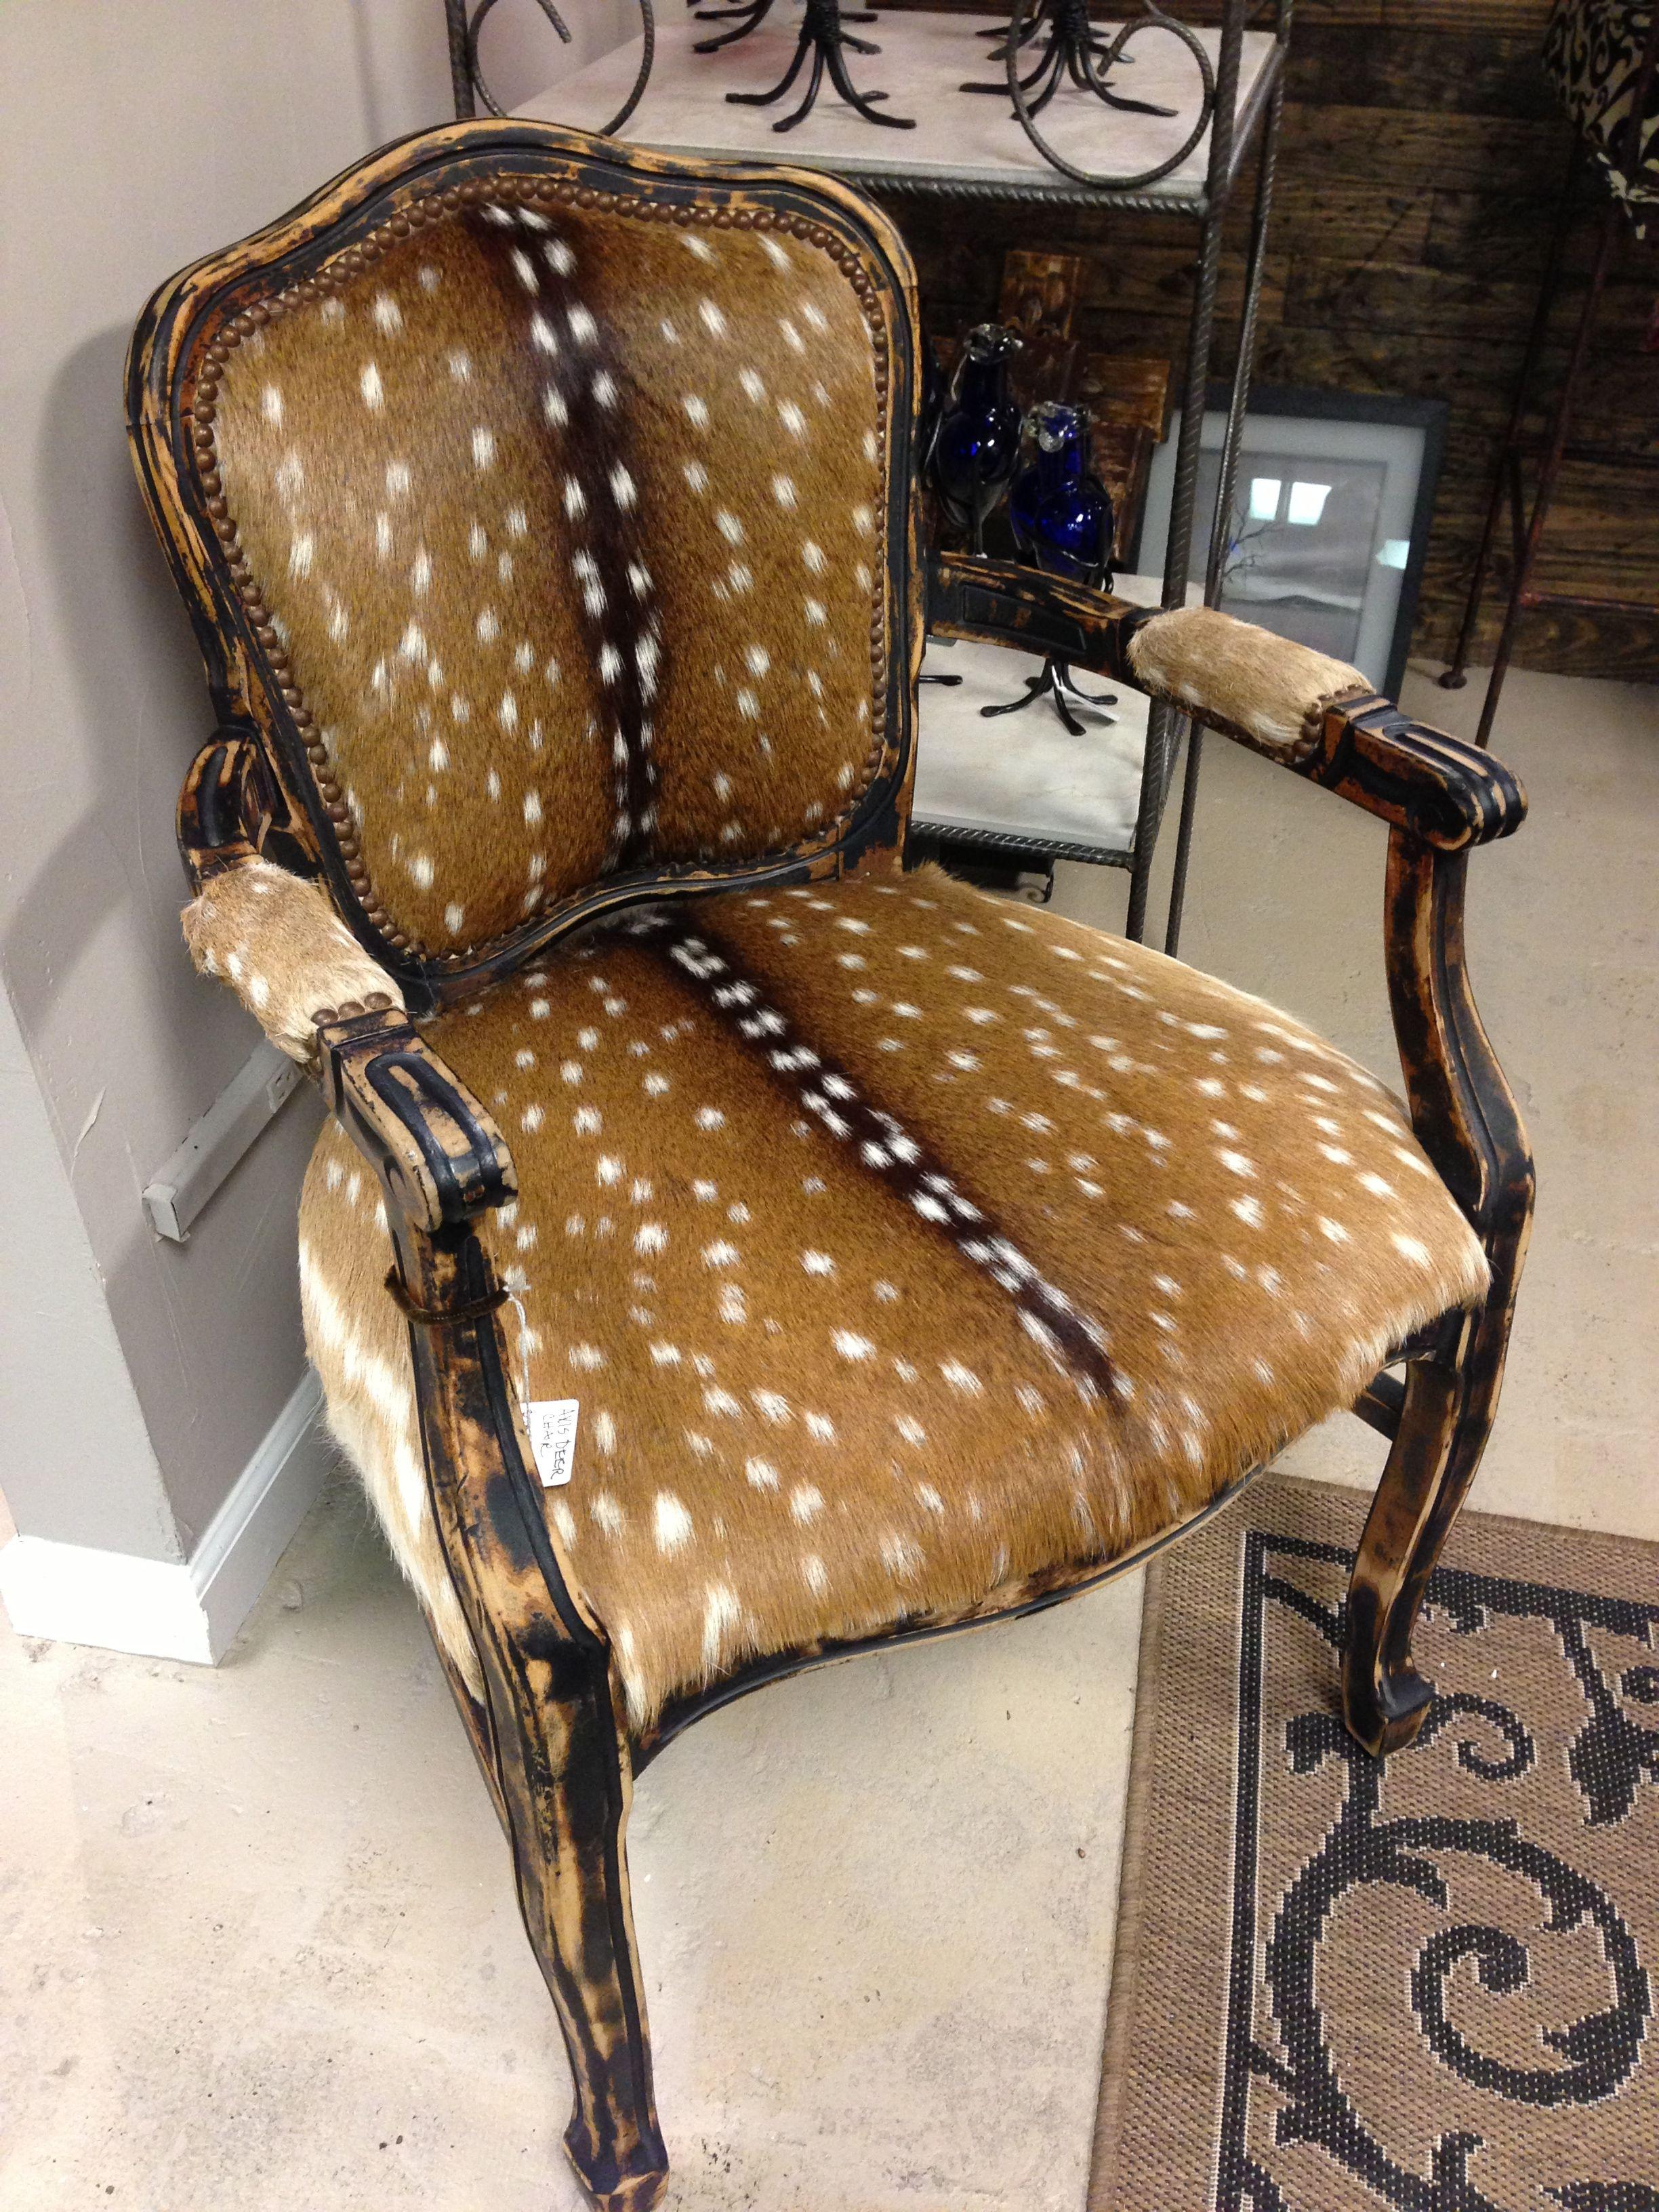 Deer Chair 1 995 Axis Deer Skin Chair One Of A Kind